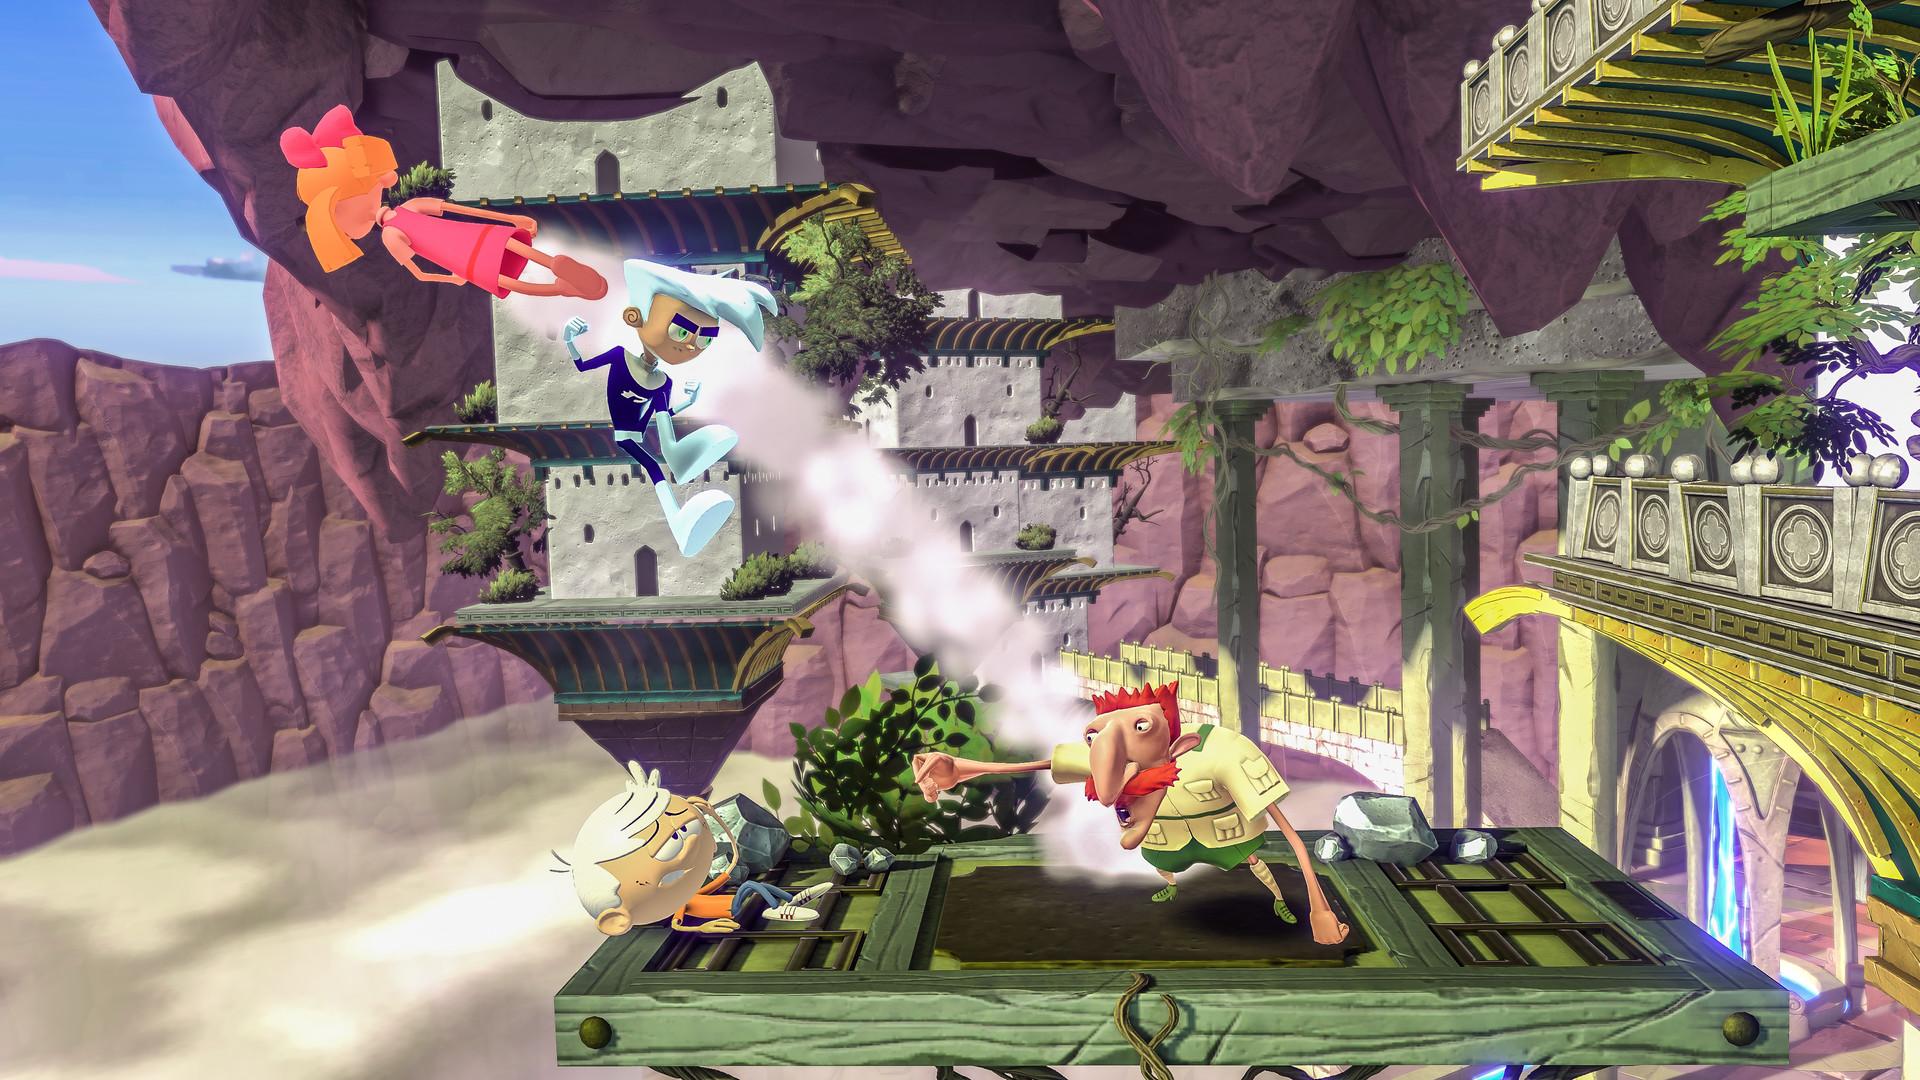 nickelodeon-all-star-brawl-pc-screenshot-2